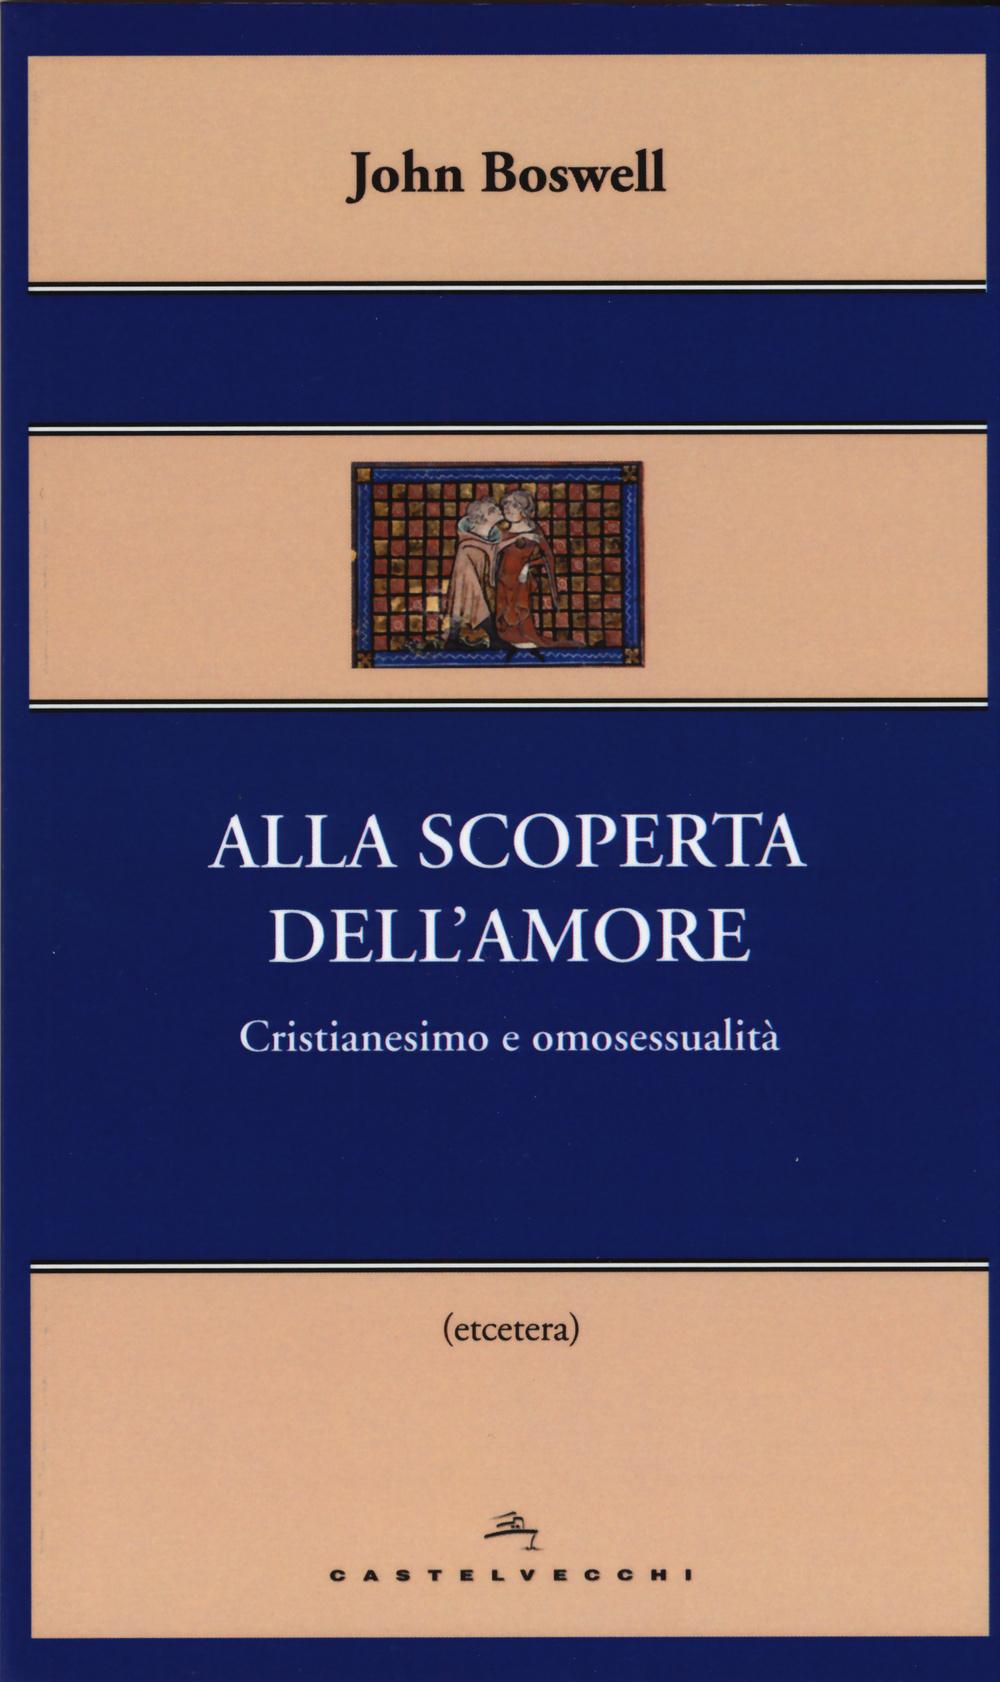 ALLA SCOPERTA DELL'AMORE - 9788869440779